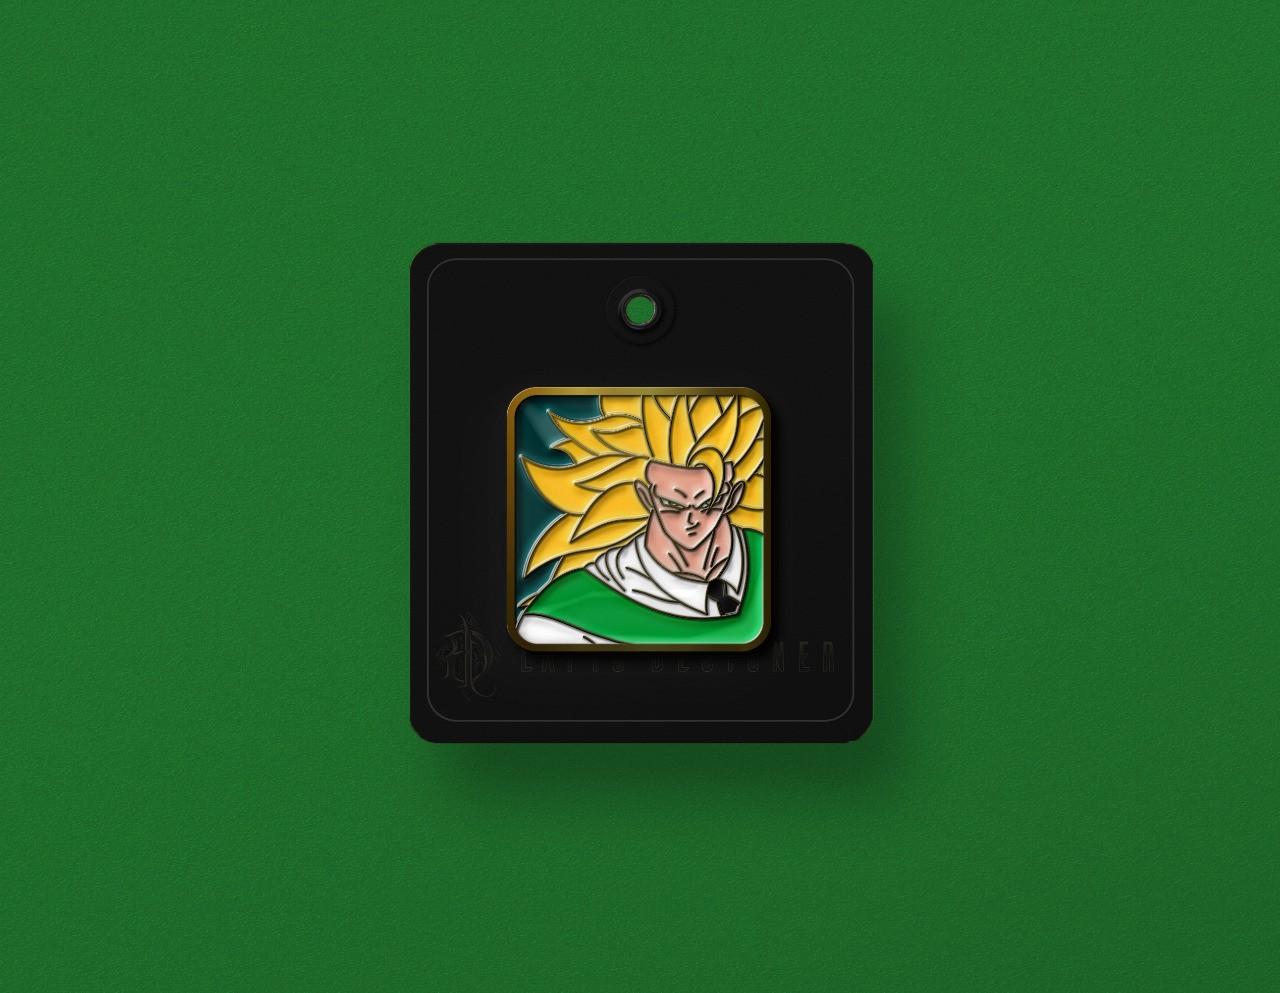 Pré venda Goku Priorado DM - Envio 28/02 (apenas 50 unidades)